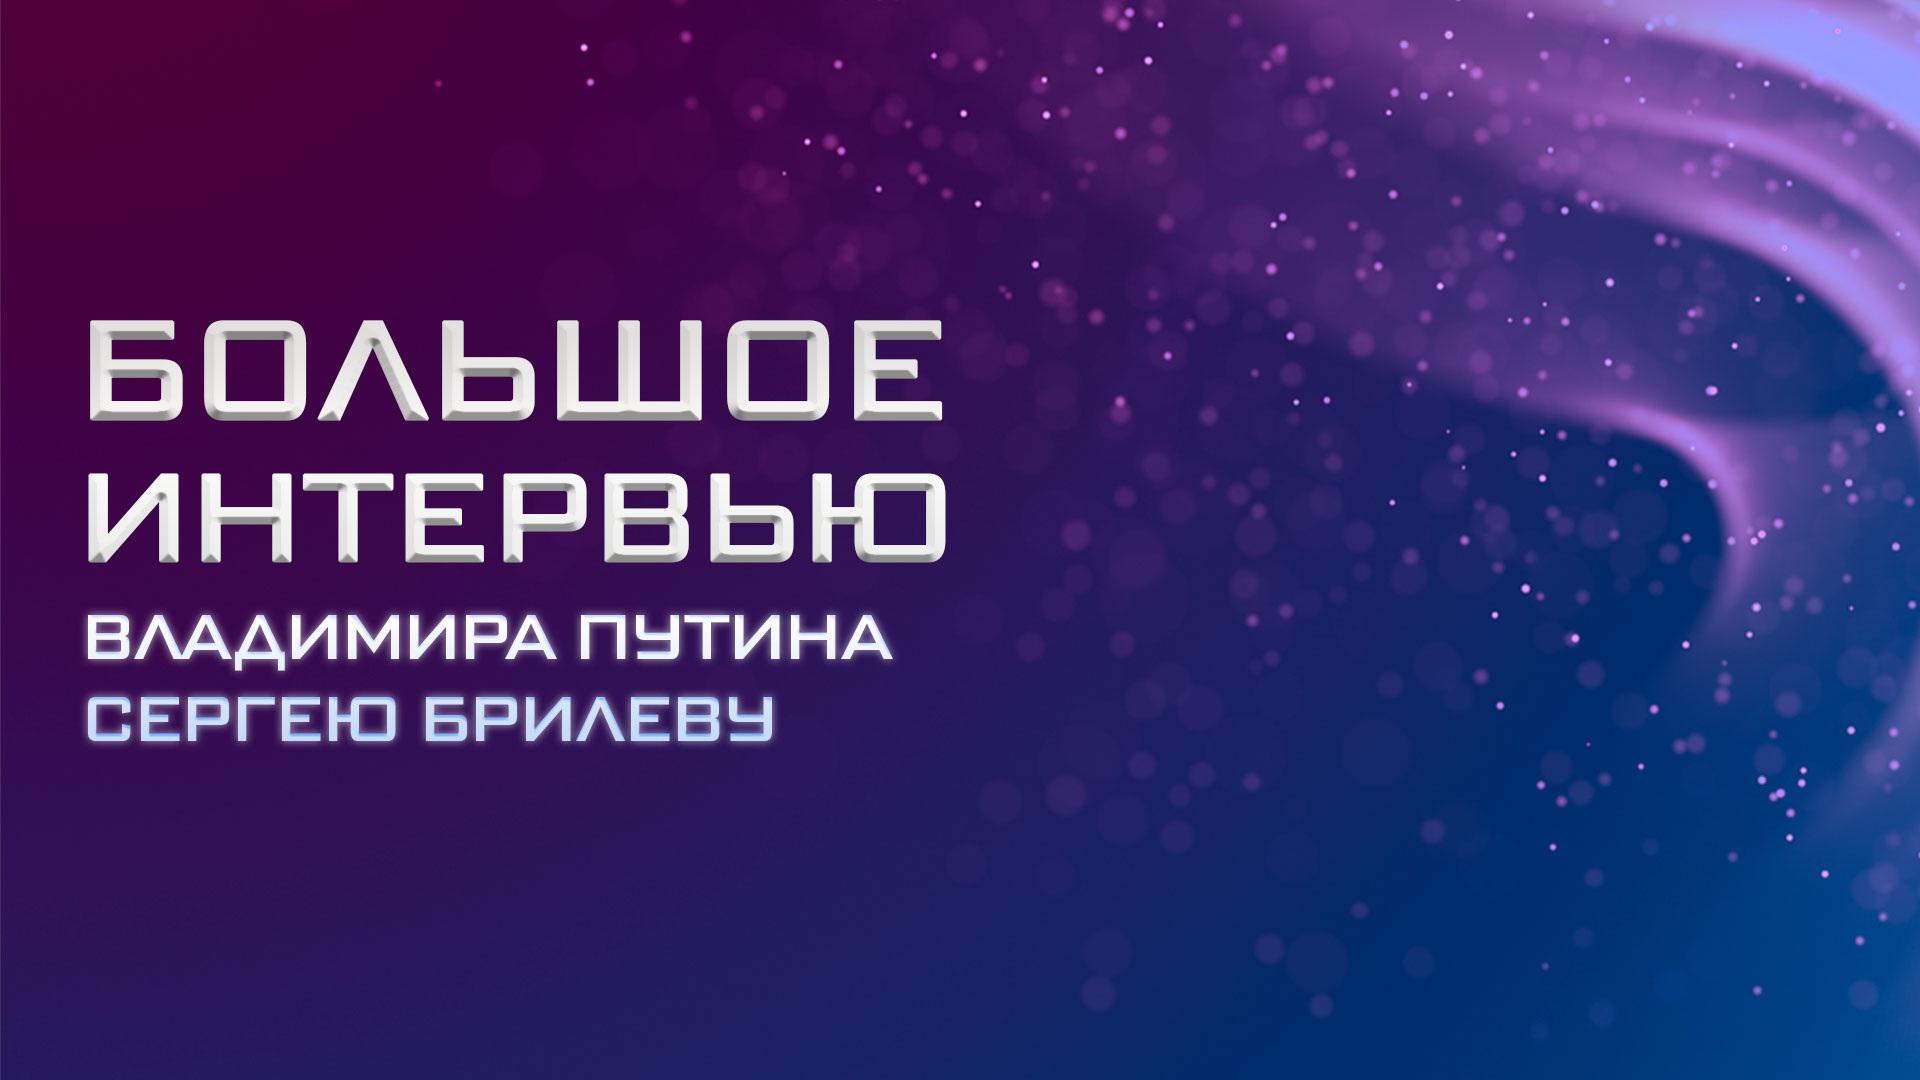 Большое интервью Владимира Путина Сергею Брилеву